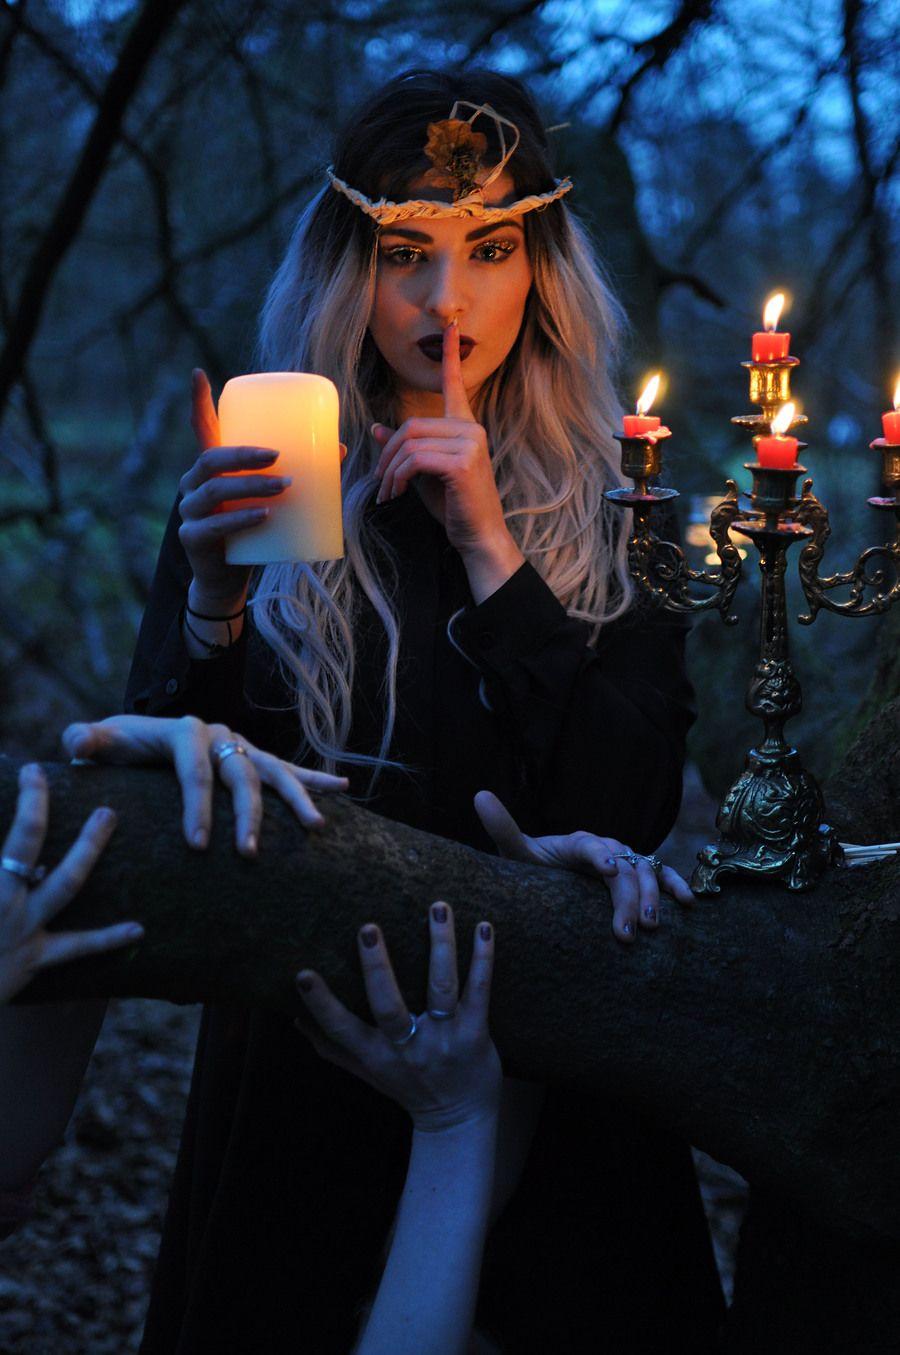 вызывает двоих картинки про красивых белых ведьм ряде случаев